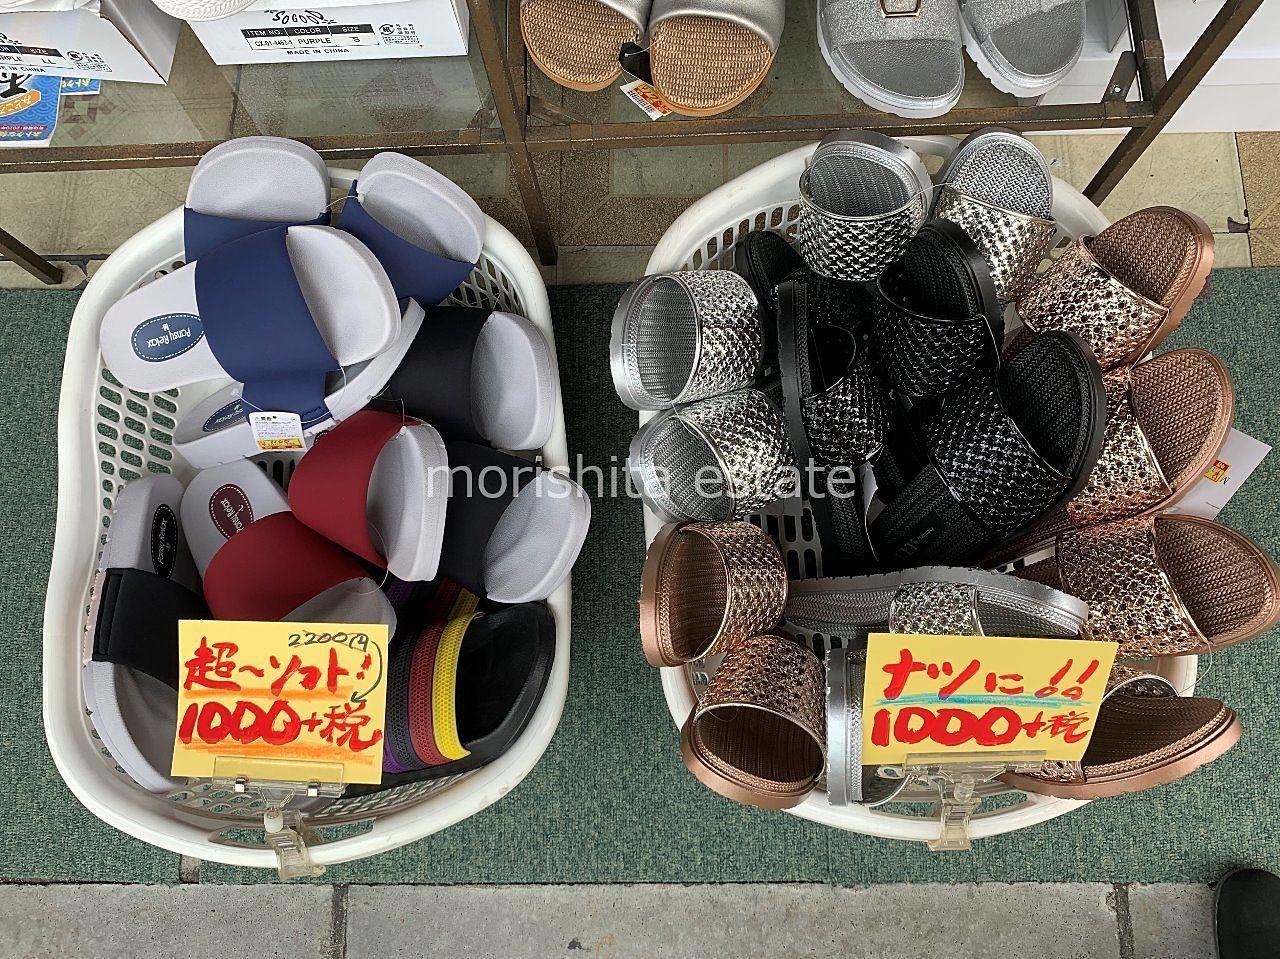 両国 靴のイマムラ サンダル 値下げ セール 写真